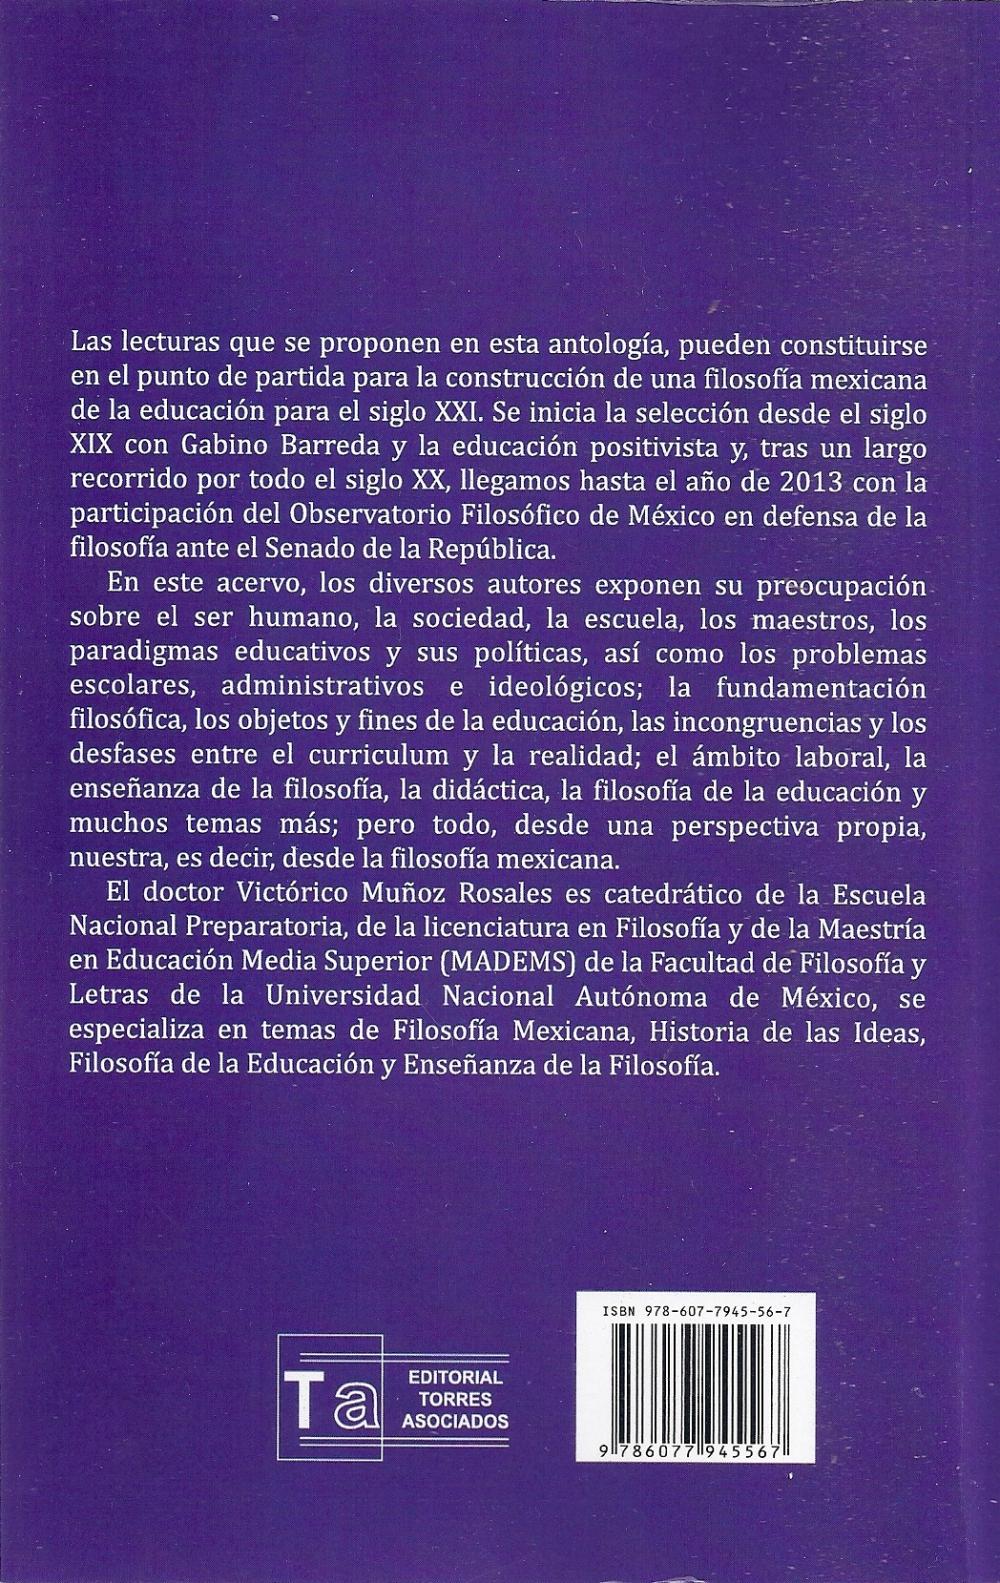 Contraportada, Filosofía mexicana de la educación